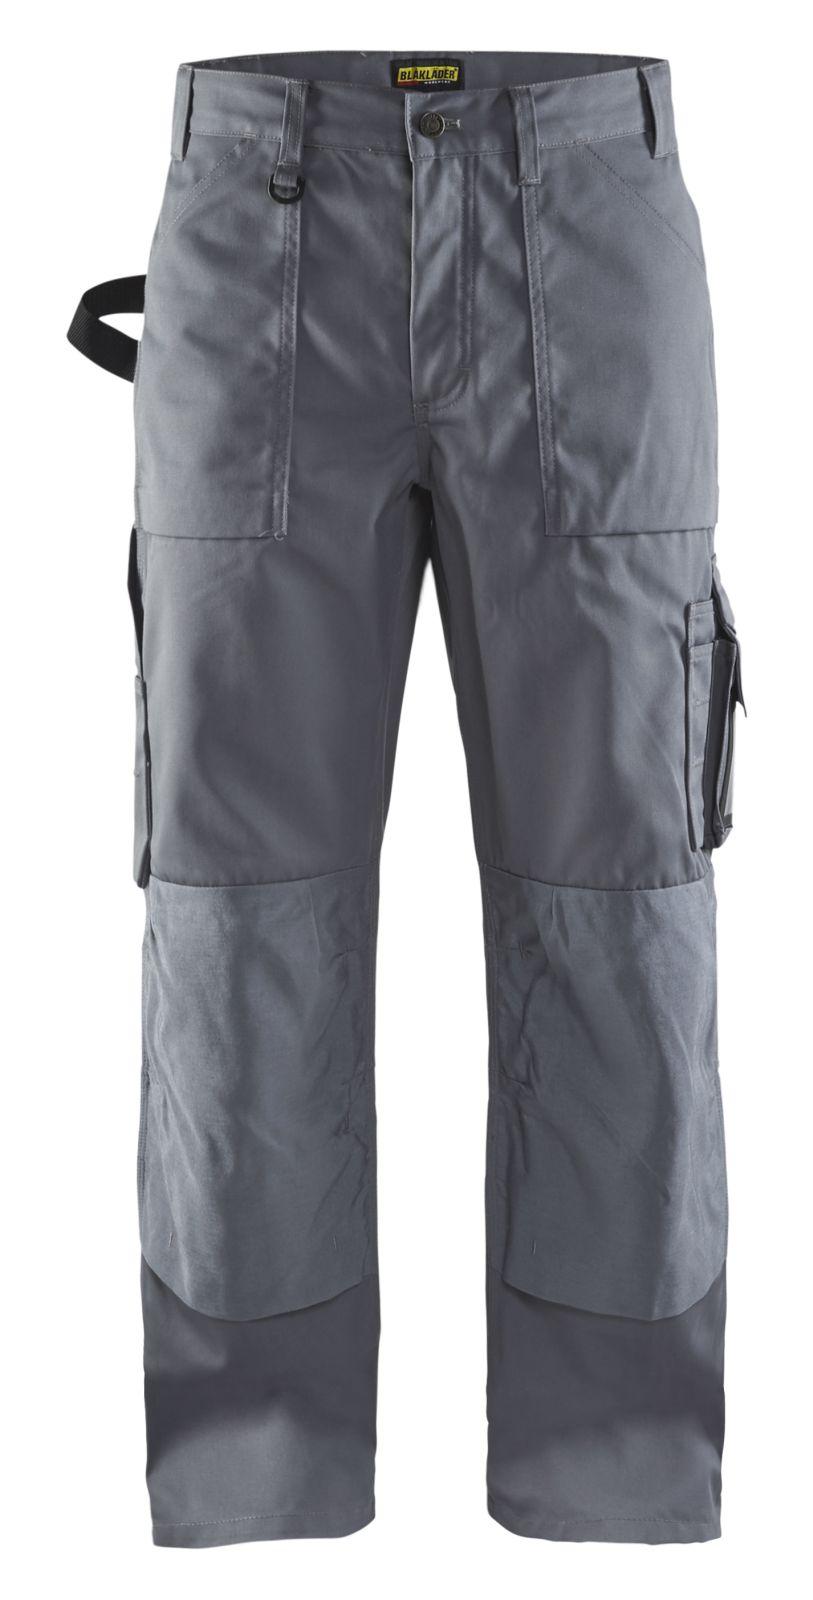 Blaklader Werkbroeken 15701860 grijs(9400)